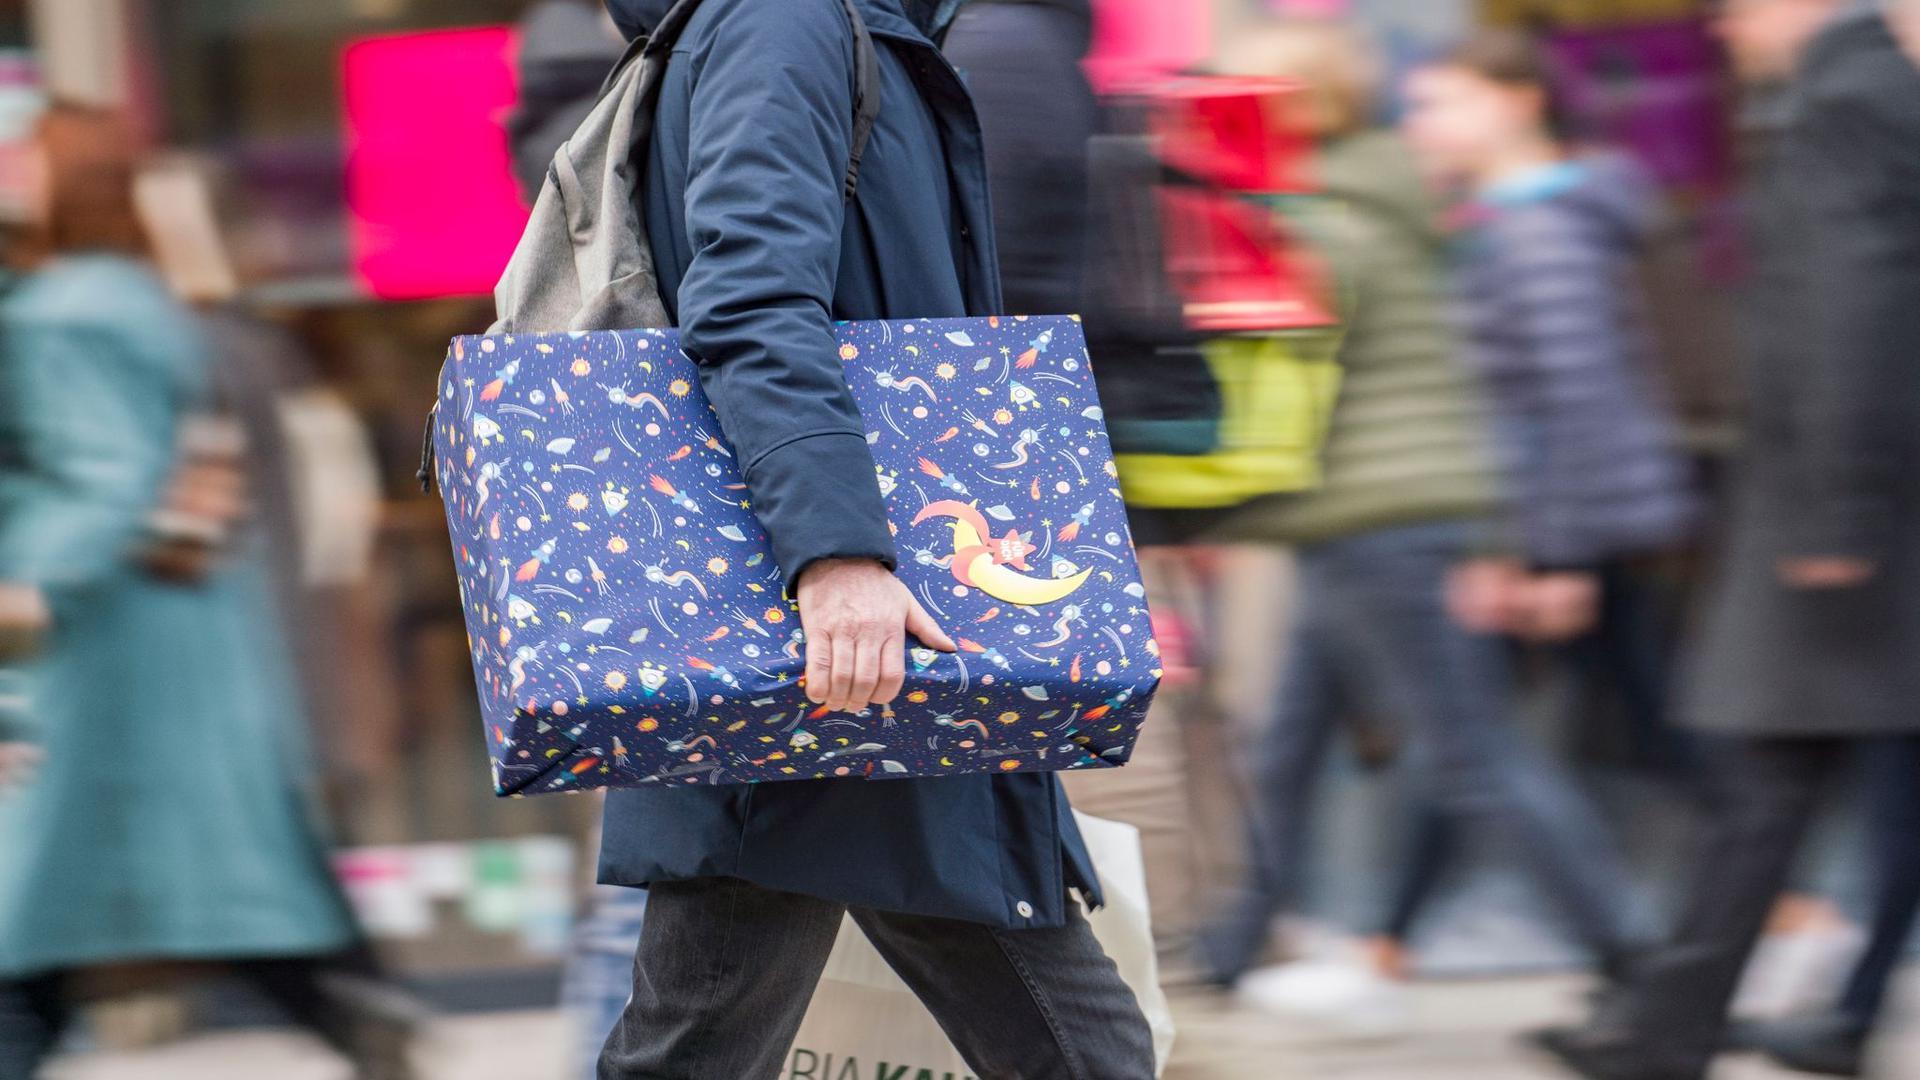 Frühere Weihnachtsgeld-Zahlungen könnten den Einzelhandel stärken und die Weihnachtseinkäufe entzerren.